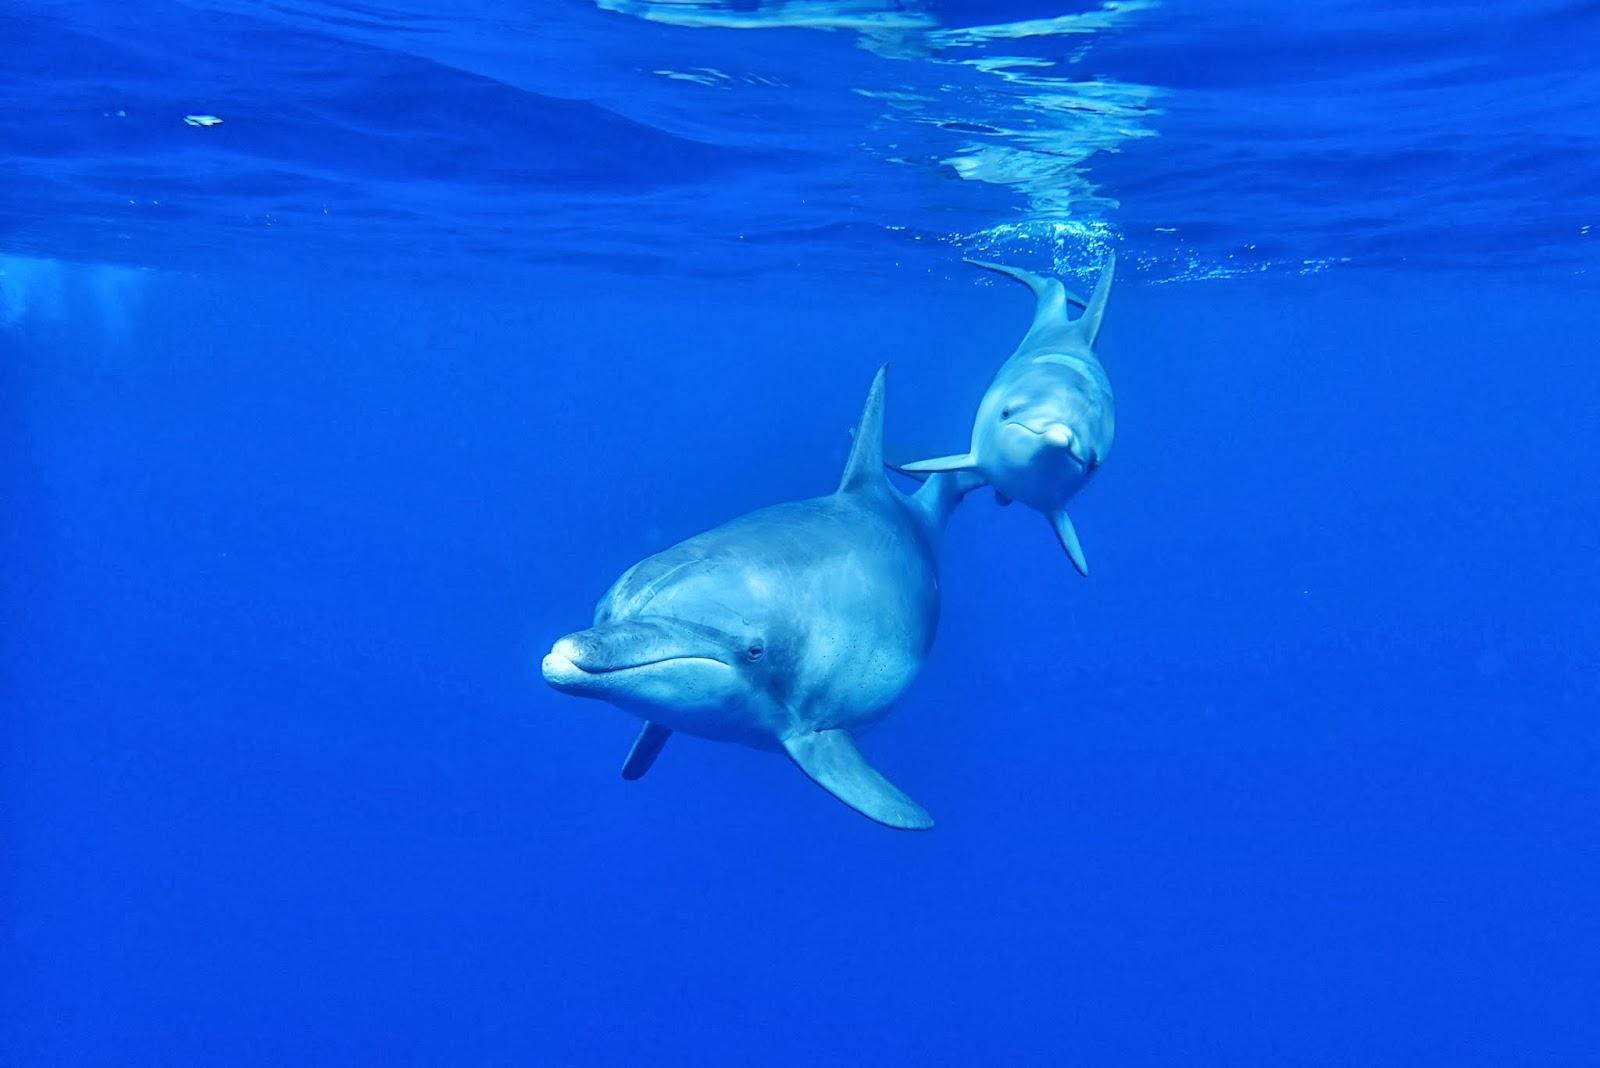 ハンドウイルカの画像 p1_25